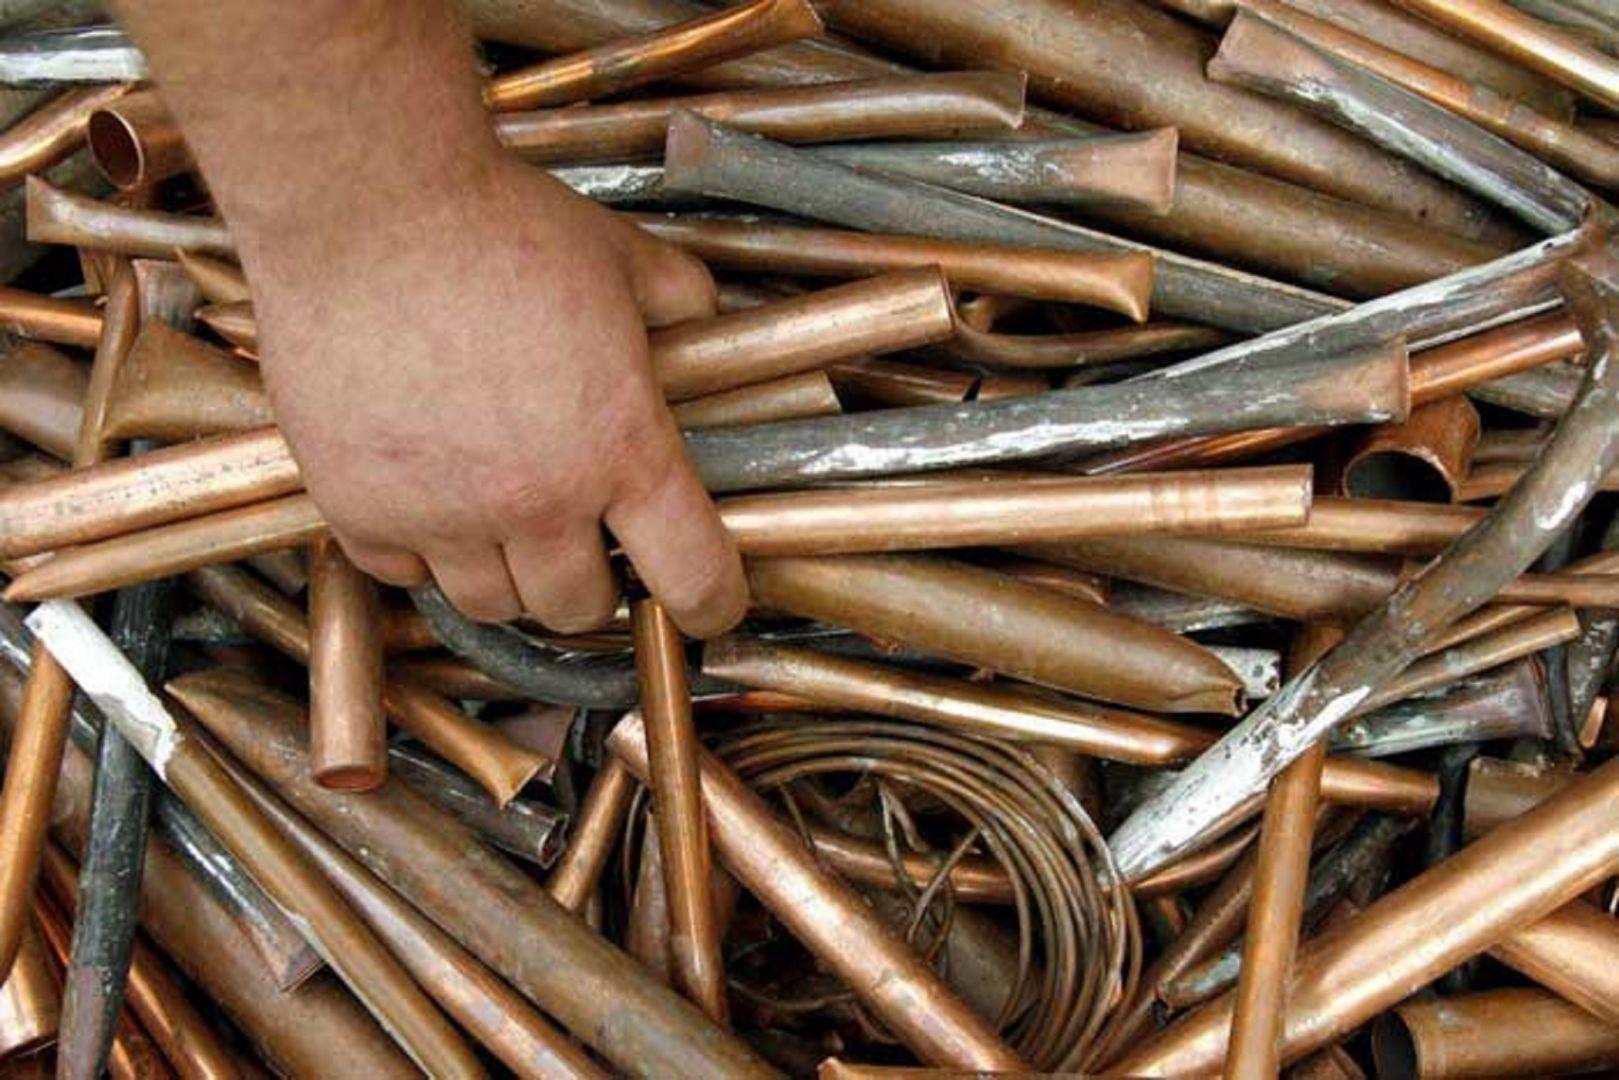 Житель Ставрополья украл более двух тонн металлических труб